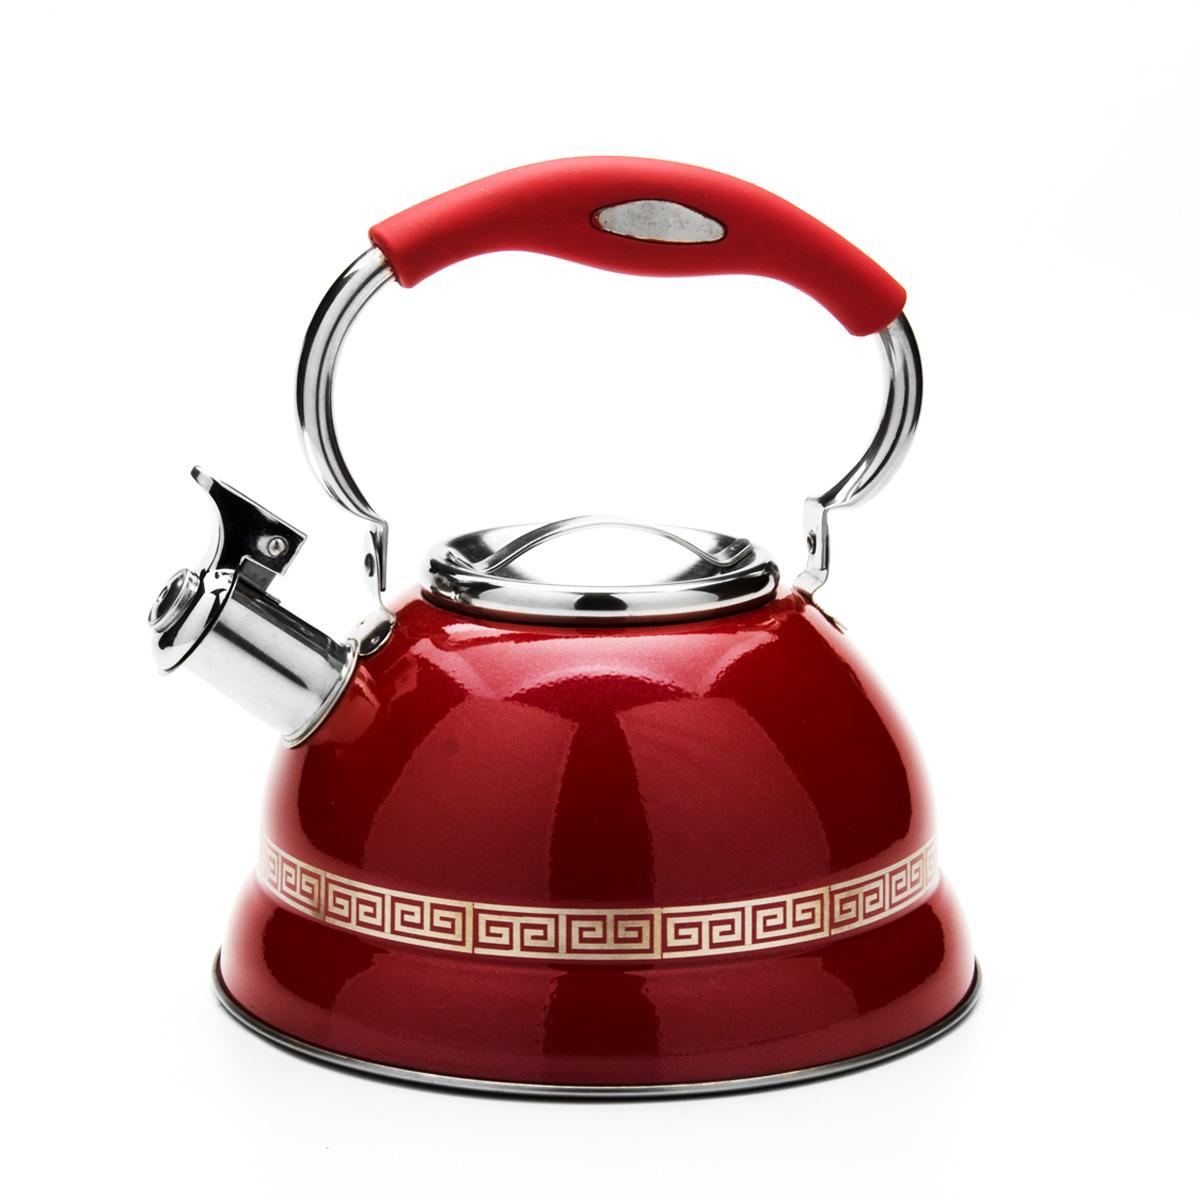 Чайник Mayer & Boch со свистком, цвет: красный, 2,7 л. 2358323583Чайник Mayer & Boch выполнен из высококачественной нержавеющей стали, что обеспечивает долговечность использования. Внешнее цветное эмалевоепокрытие придает приятный внешний вид. Изделие декорировано оригинальным орнаментом. Подвижная ручка из нейлона делает использование чайника очень удобным и безопасным. Чайник снабжен свистком и устройством для открывания носика, которое находится на ручке. Можно мыть в посудомоечной машине. Пригоден для всех видов плит, включая индукционные. Высота чайника (без учета крышки и ручки): 10,5 см.Диаметр основания: 22 см.